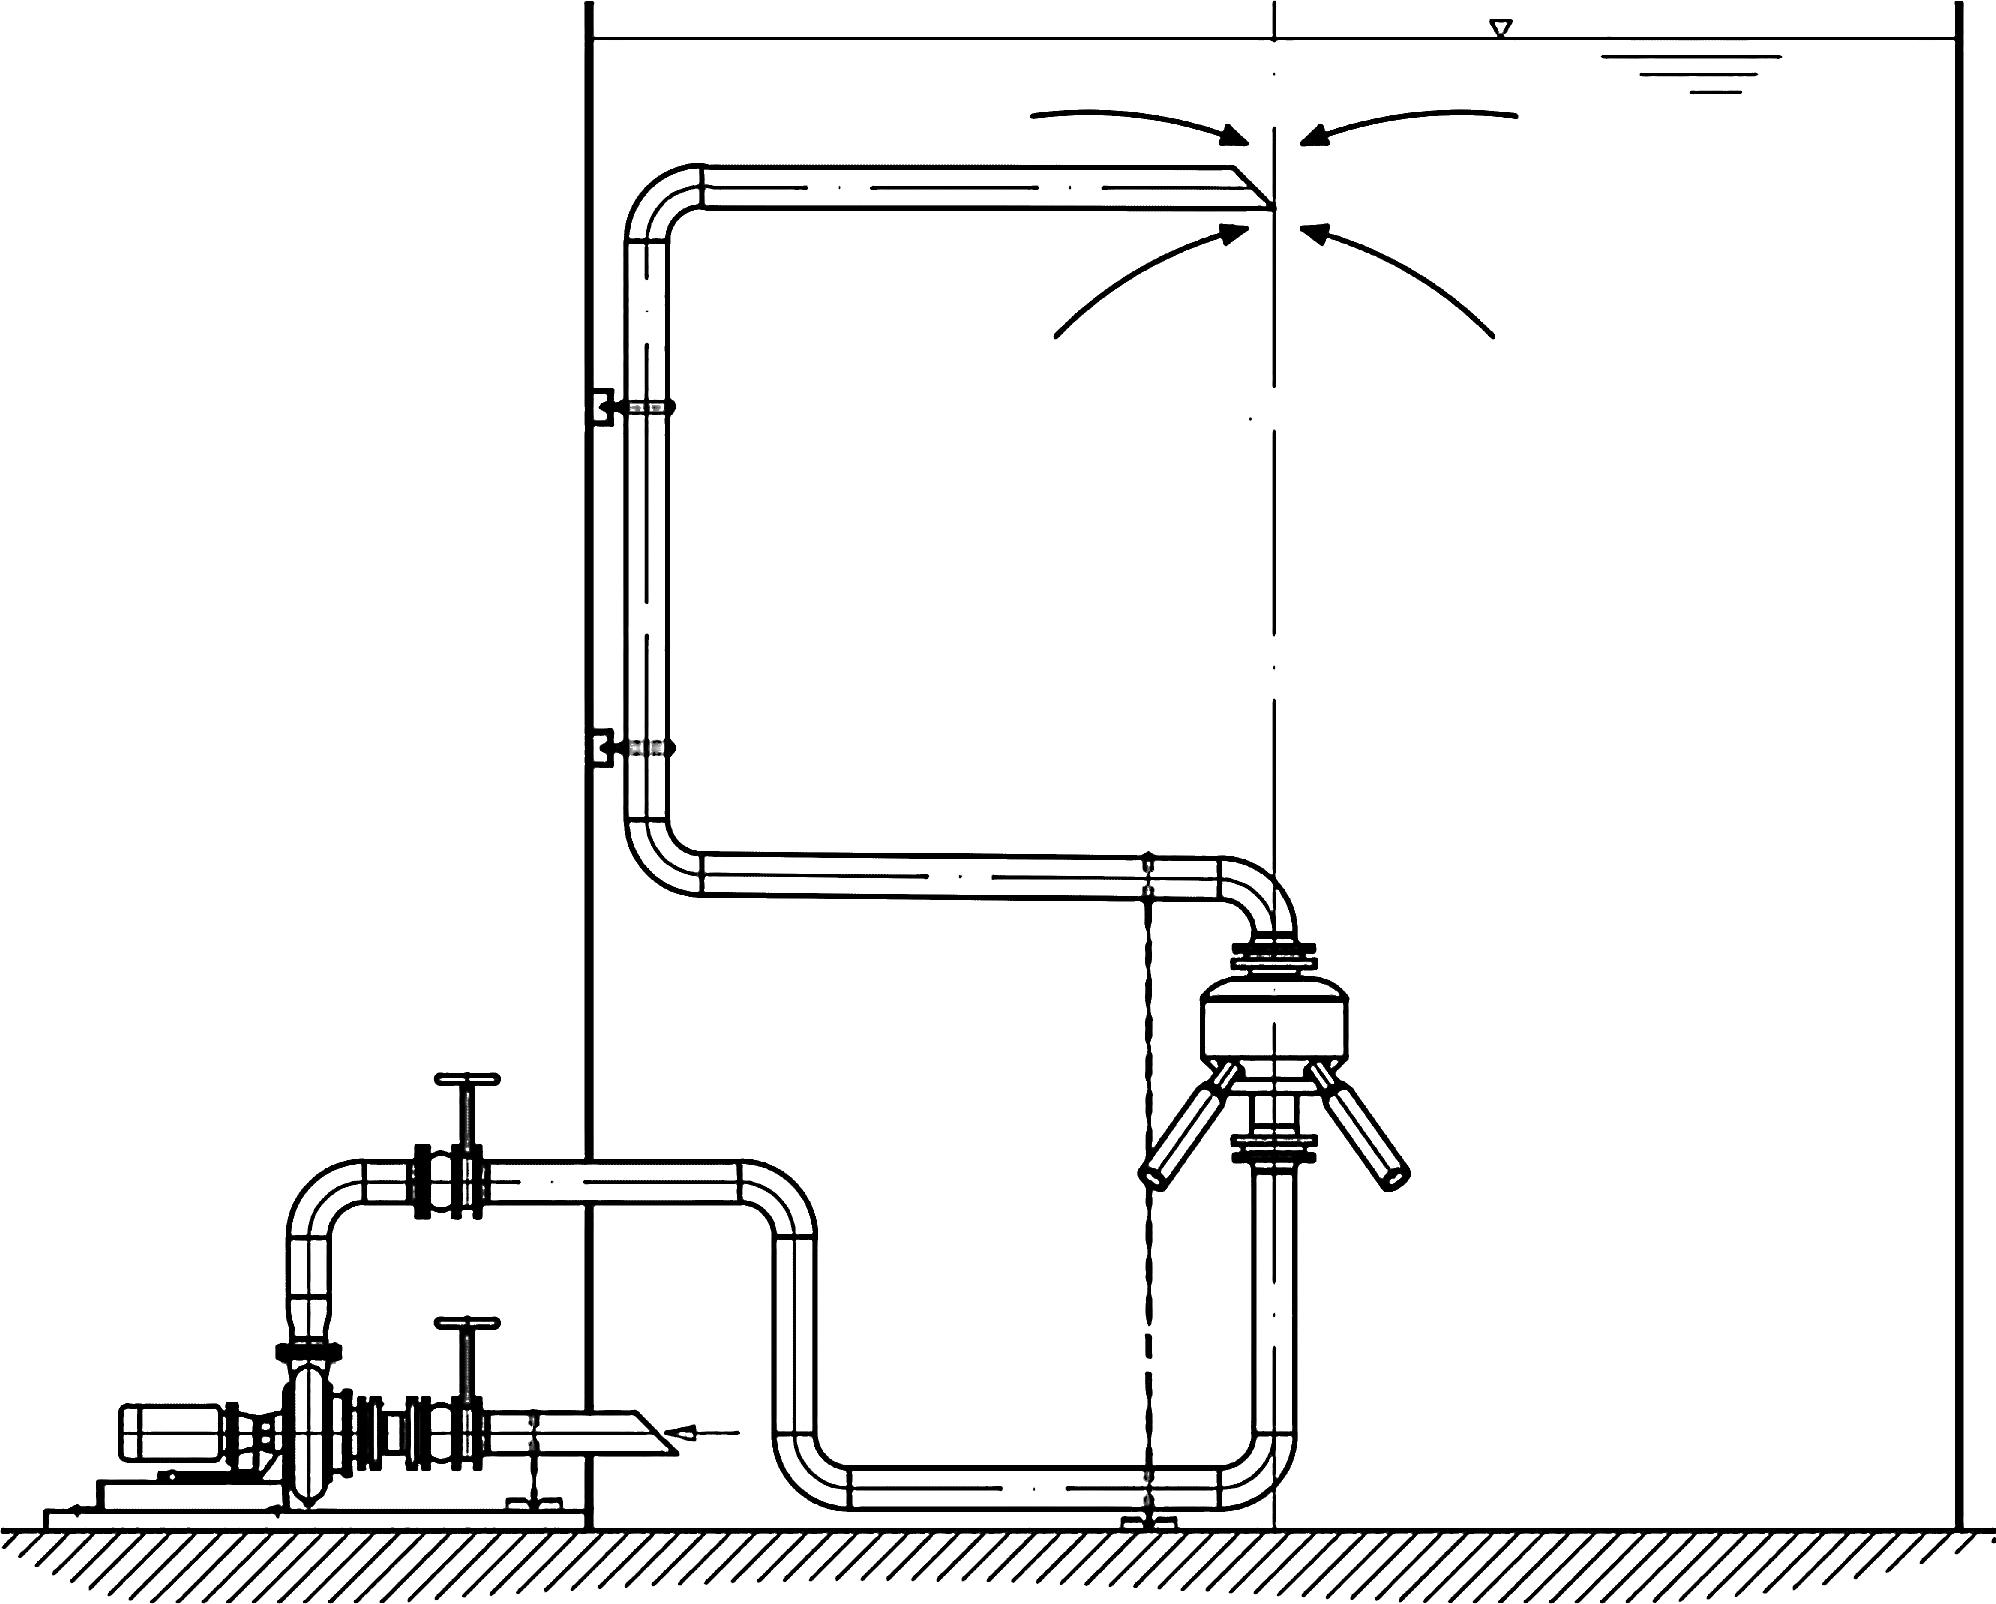 Rys. 8 Schemat rozmieszczenia mieszadła eżektorowego odśrodkowego w reaktorze [6]